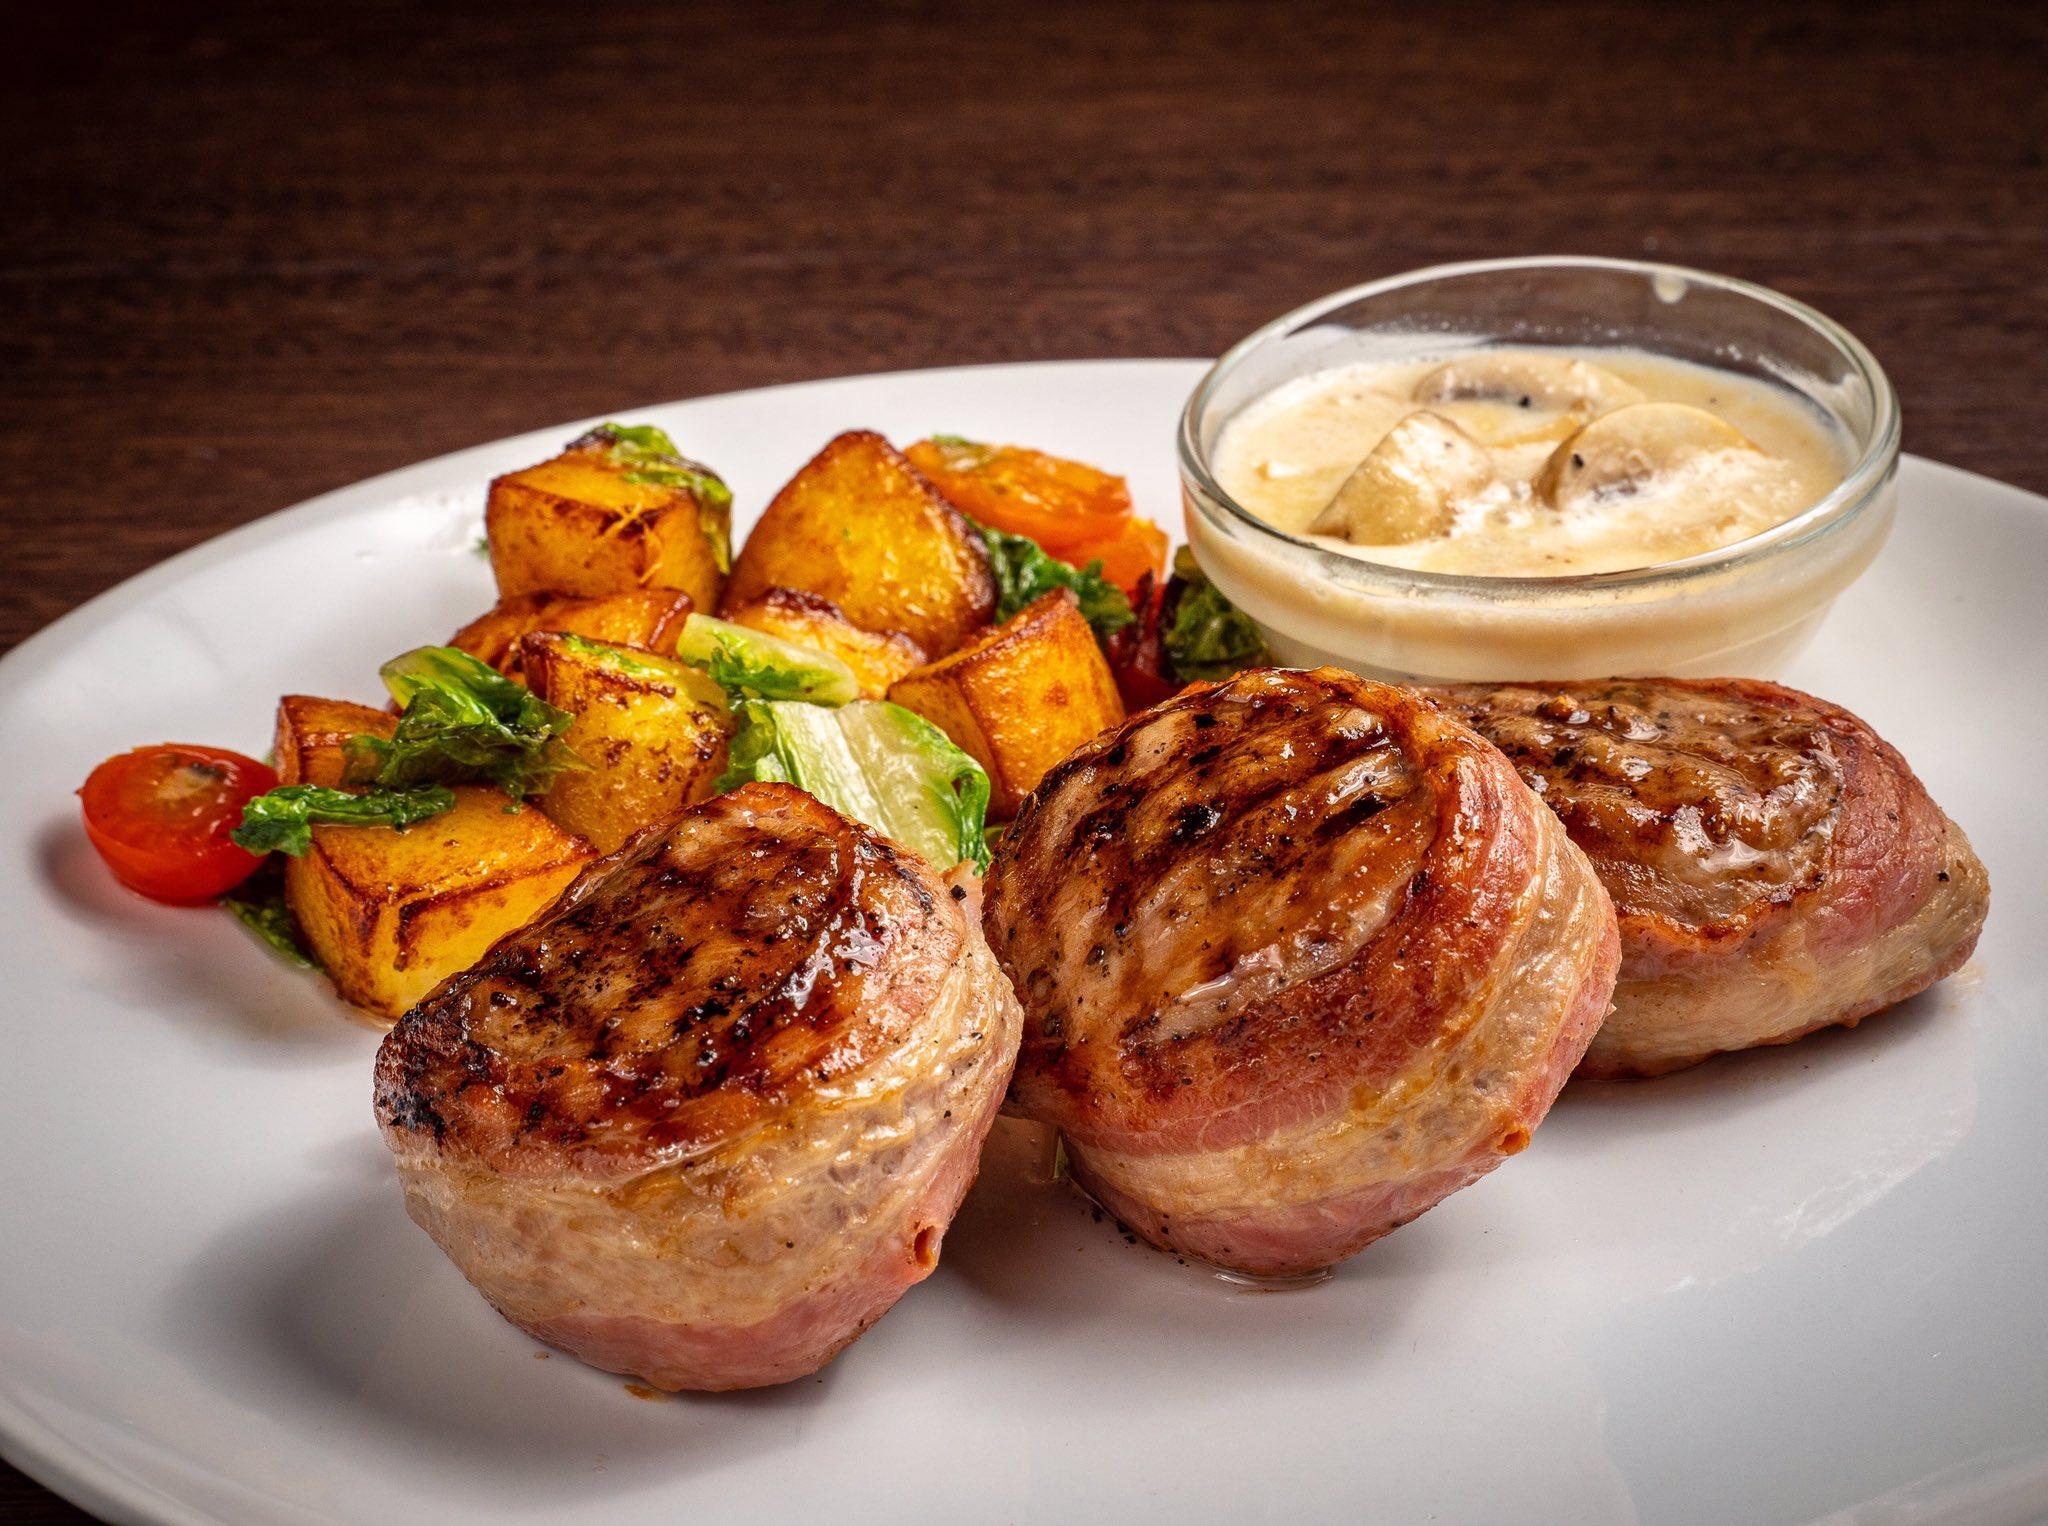 производства бельгии медальоны из мяса ресторанные рецепты с фото безусловно, есть, общую